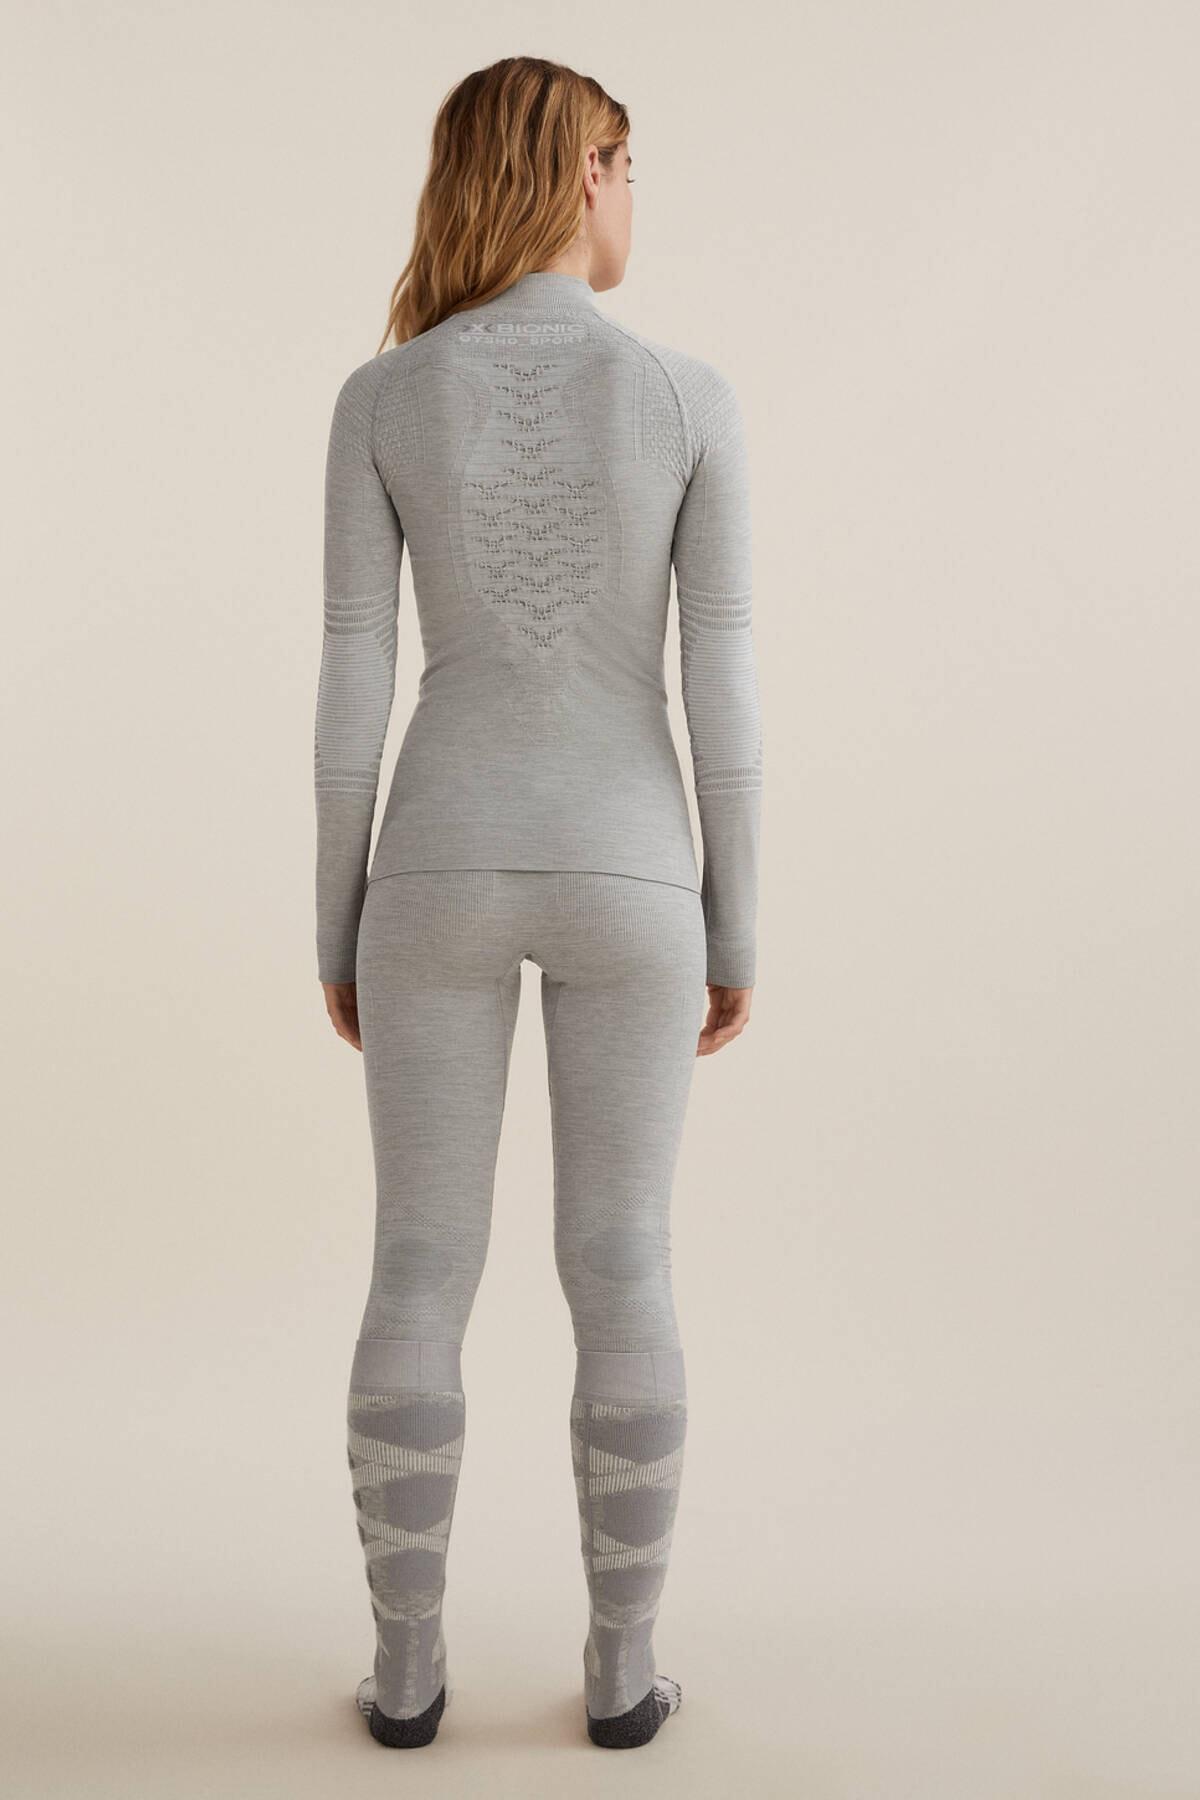 Oysho Kadın Gri Dikişsiz Teknik Kayak Taytı X-Bionic Energizer® 4.0 2